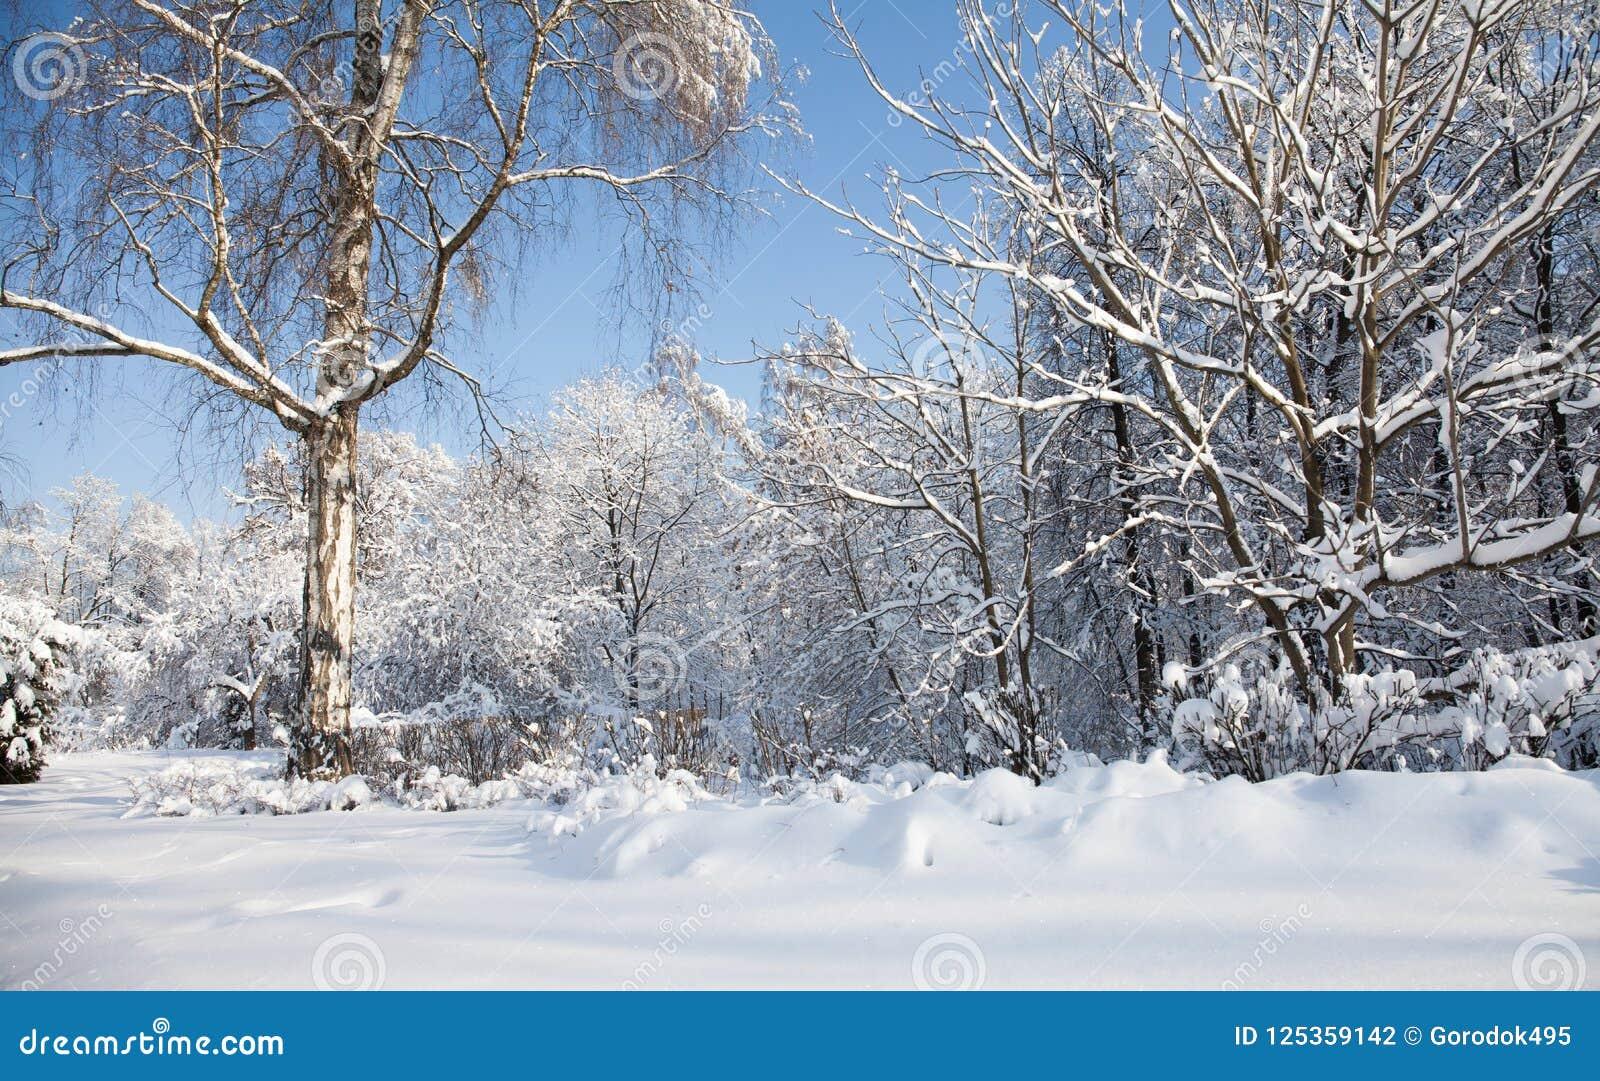 Μεγάλο δέντρο σημύδων με τους χιονισμένους κλάδους, όμορφο χειμερινό δασικό τοπίο, κρύα ηλιόλουστη ημέρα Ιανουαρίου μπλε ουρανός